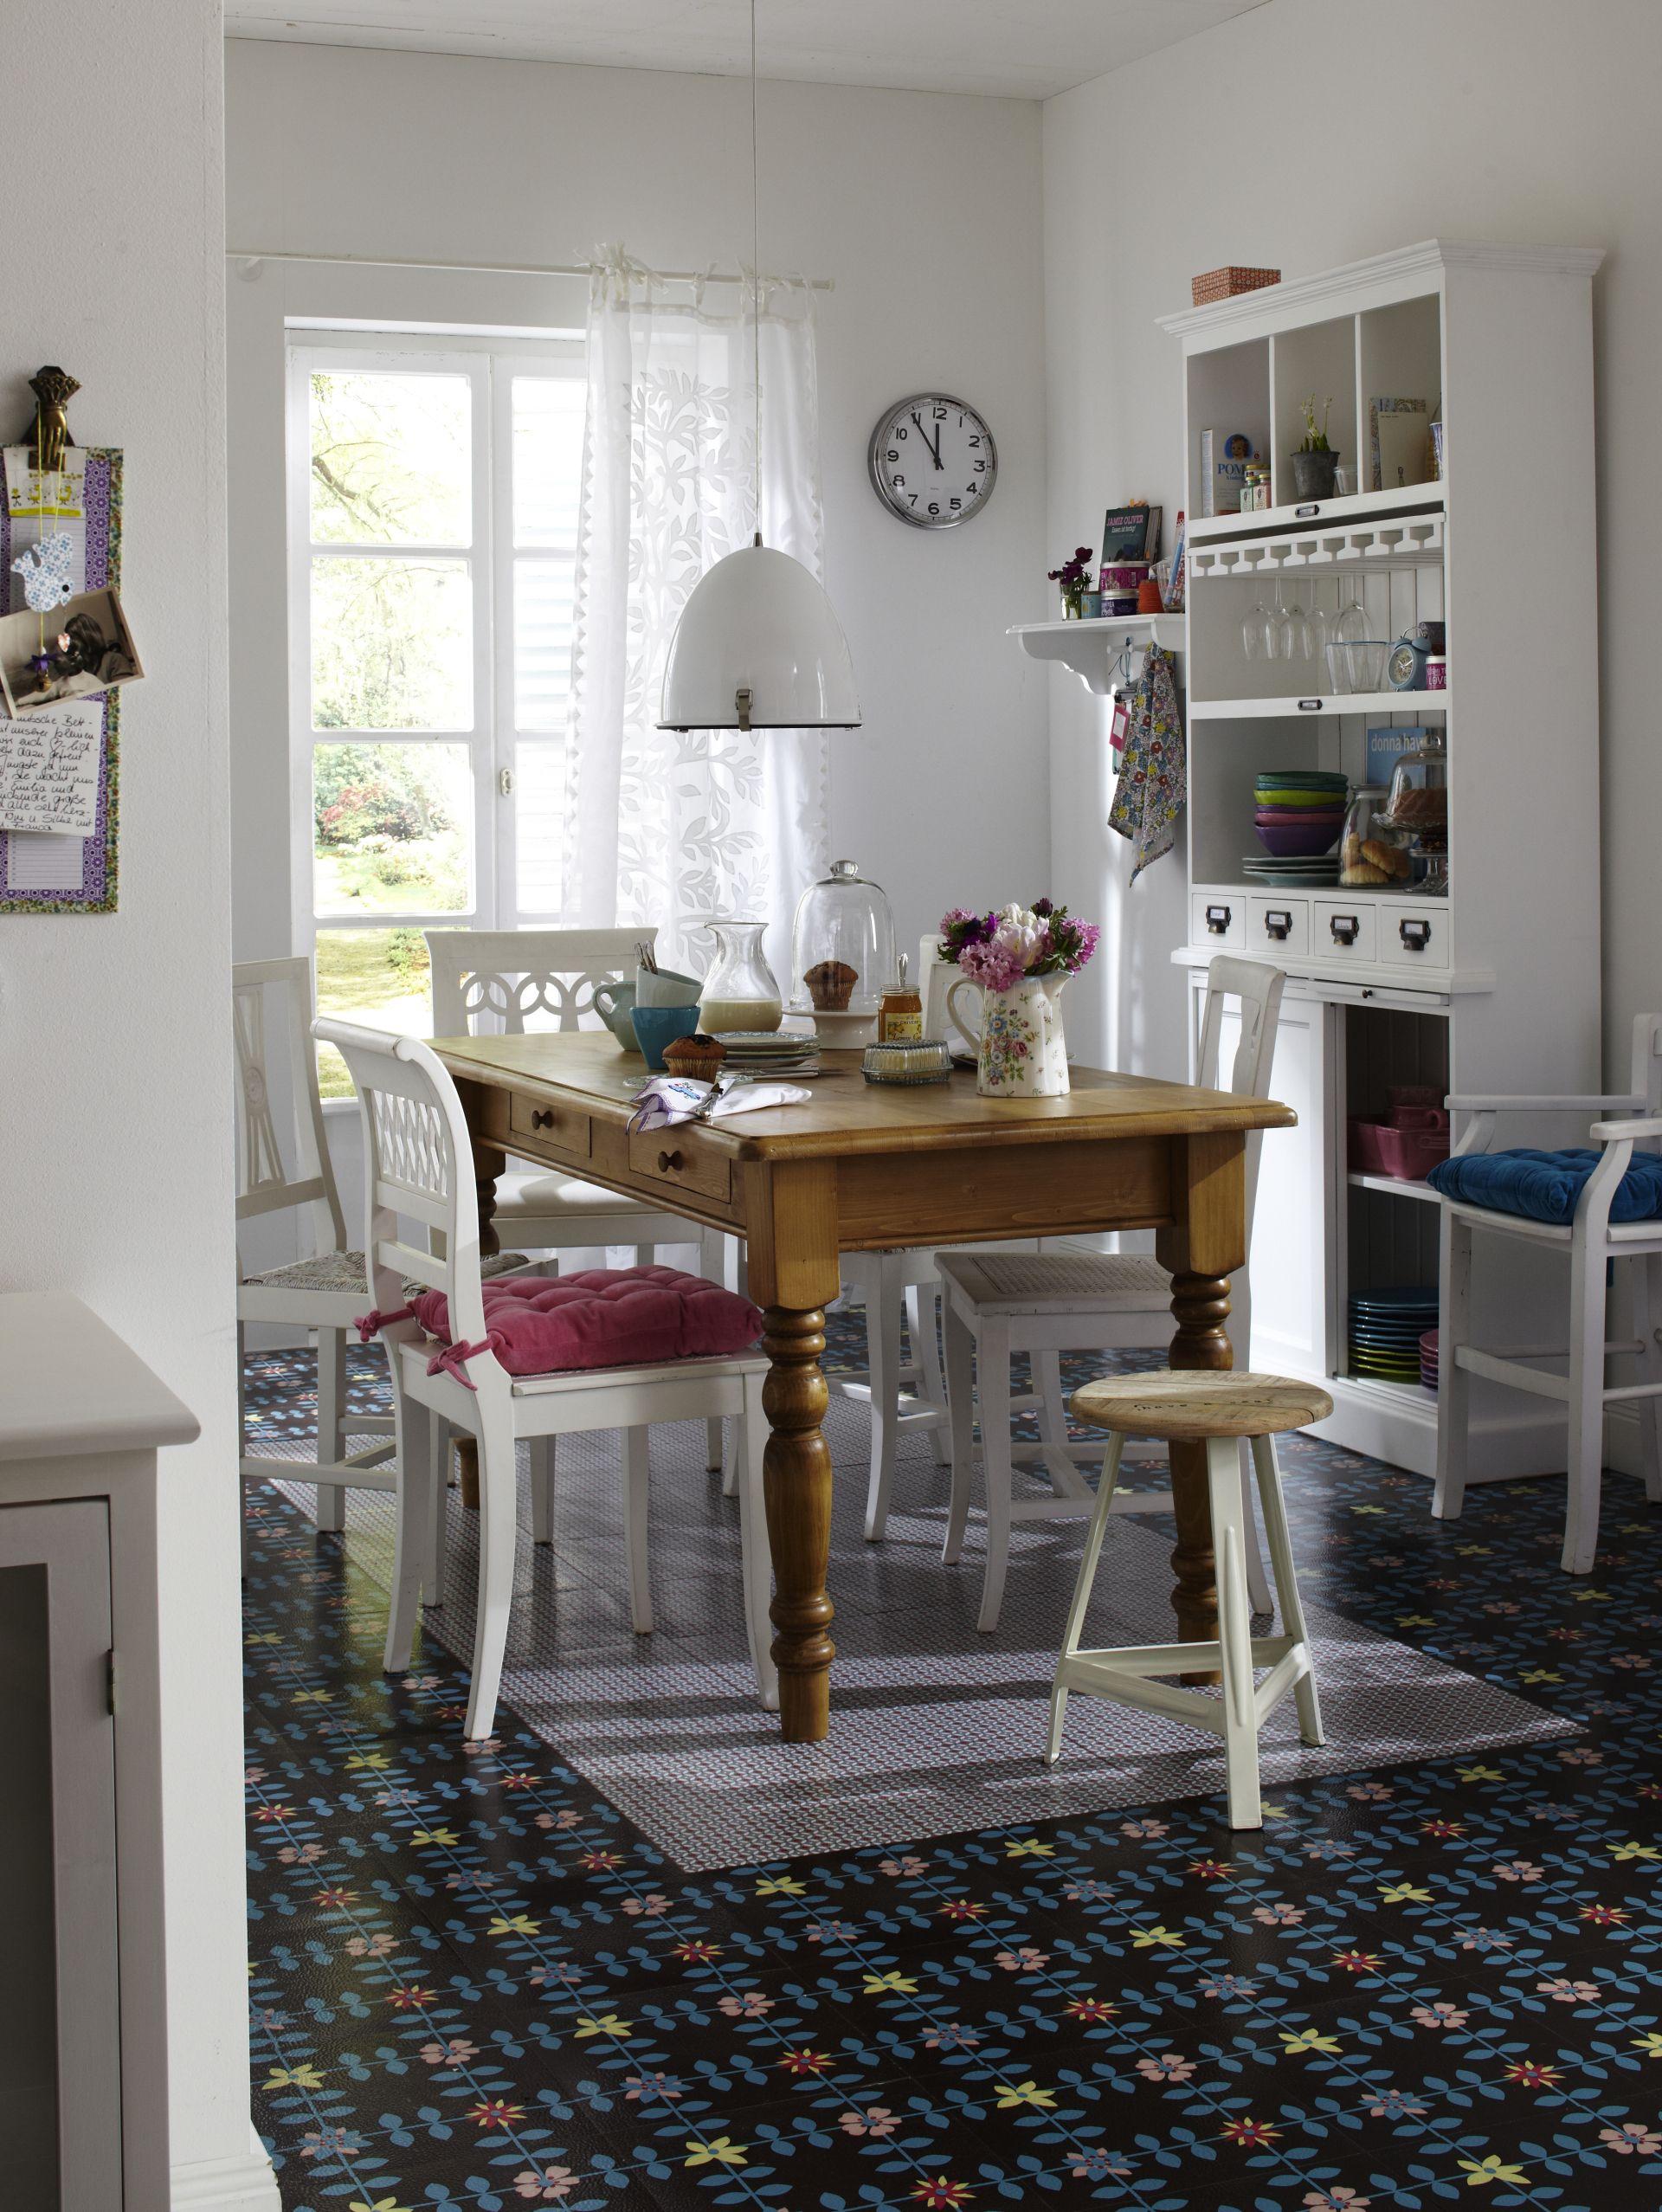 bunt gemixtes esszimmer zum wohnen und leben. Black Bedroom Furniture Sets. Home Design Ideas